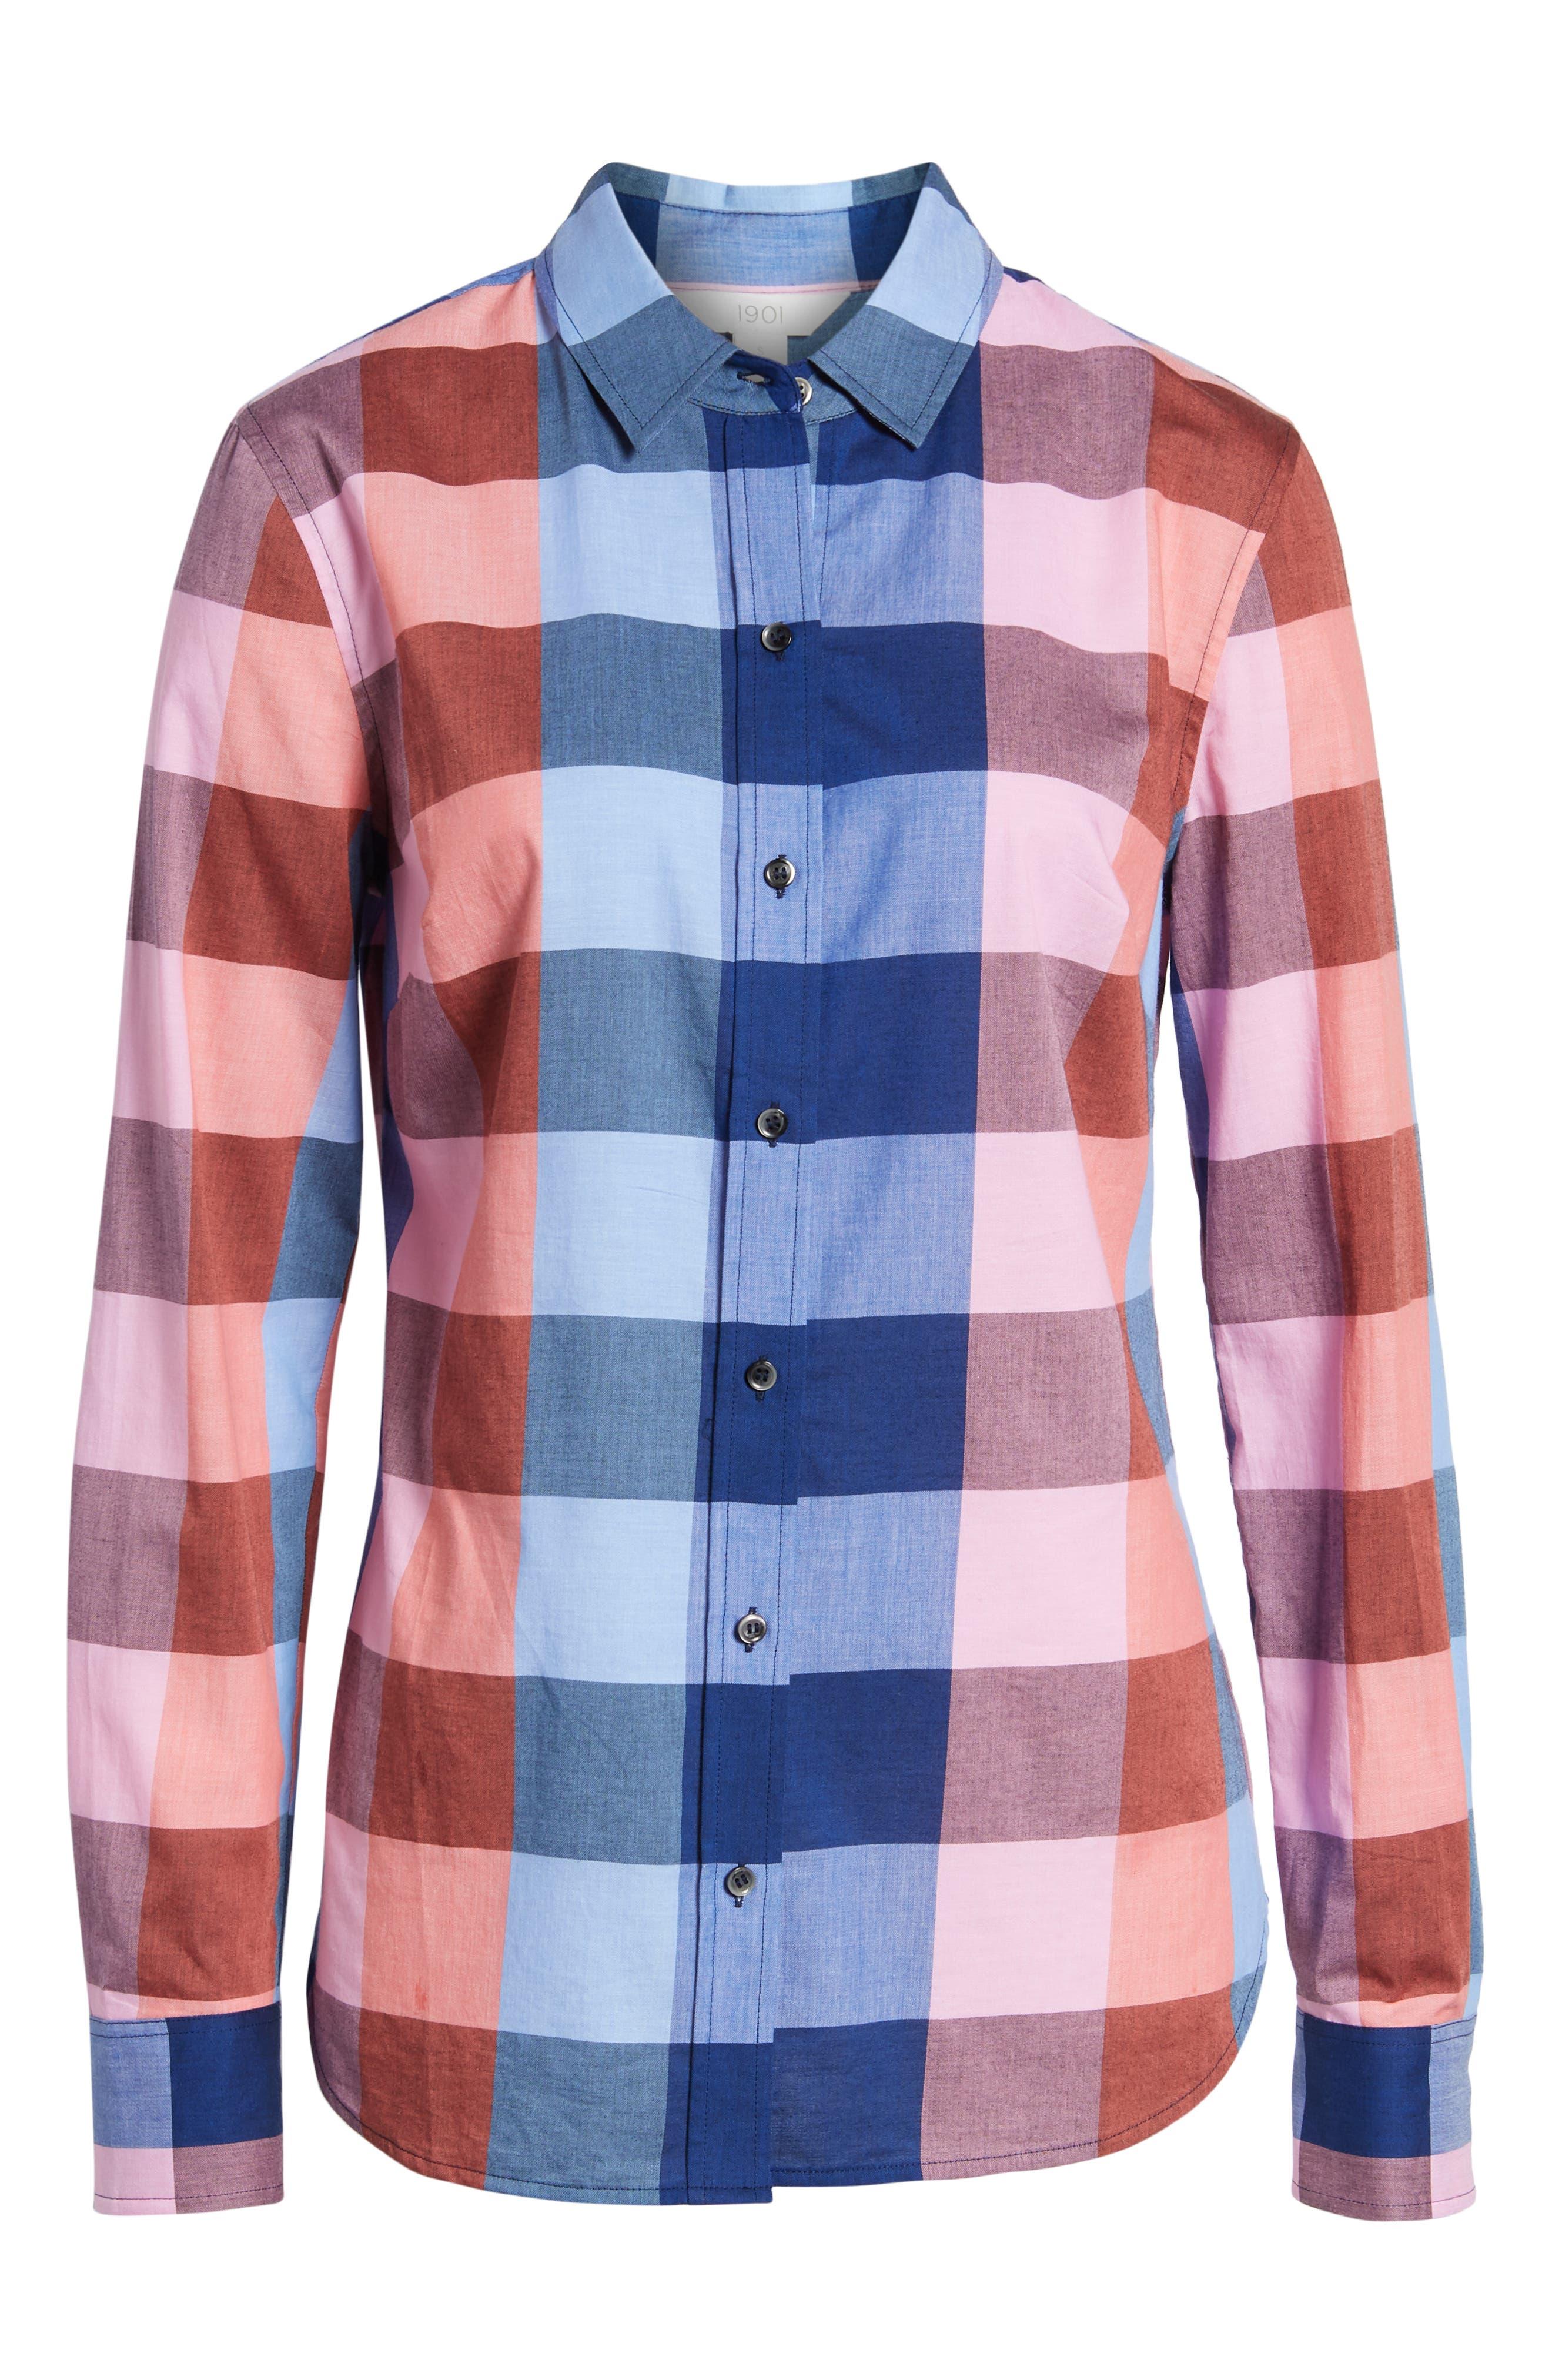 Plaid Cotton Button-Down Shirt,                             Alternate thumbnail 6, color,                             Blue- Pink Plaid